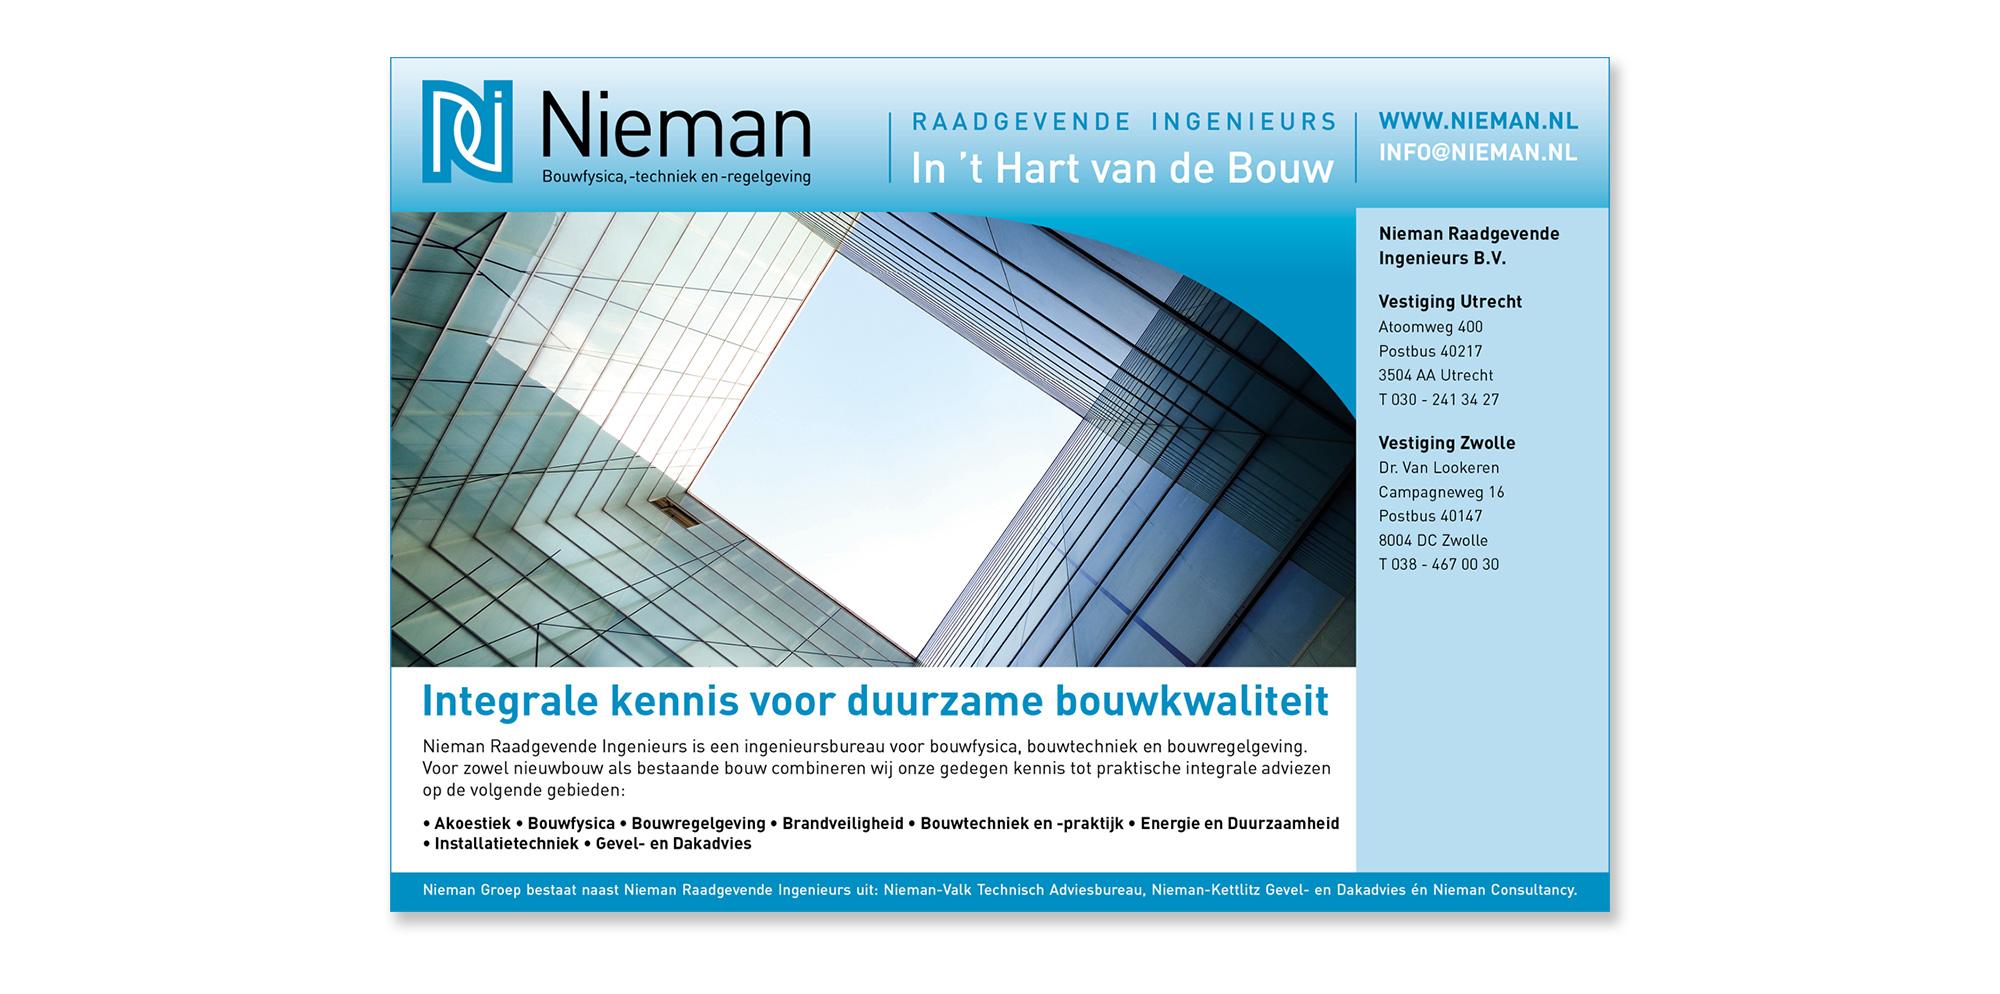 Nieman-Image-adv-RGI-190-x-133-mm